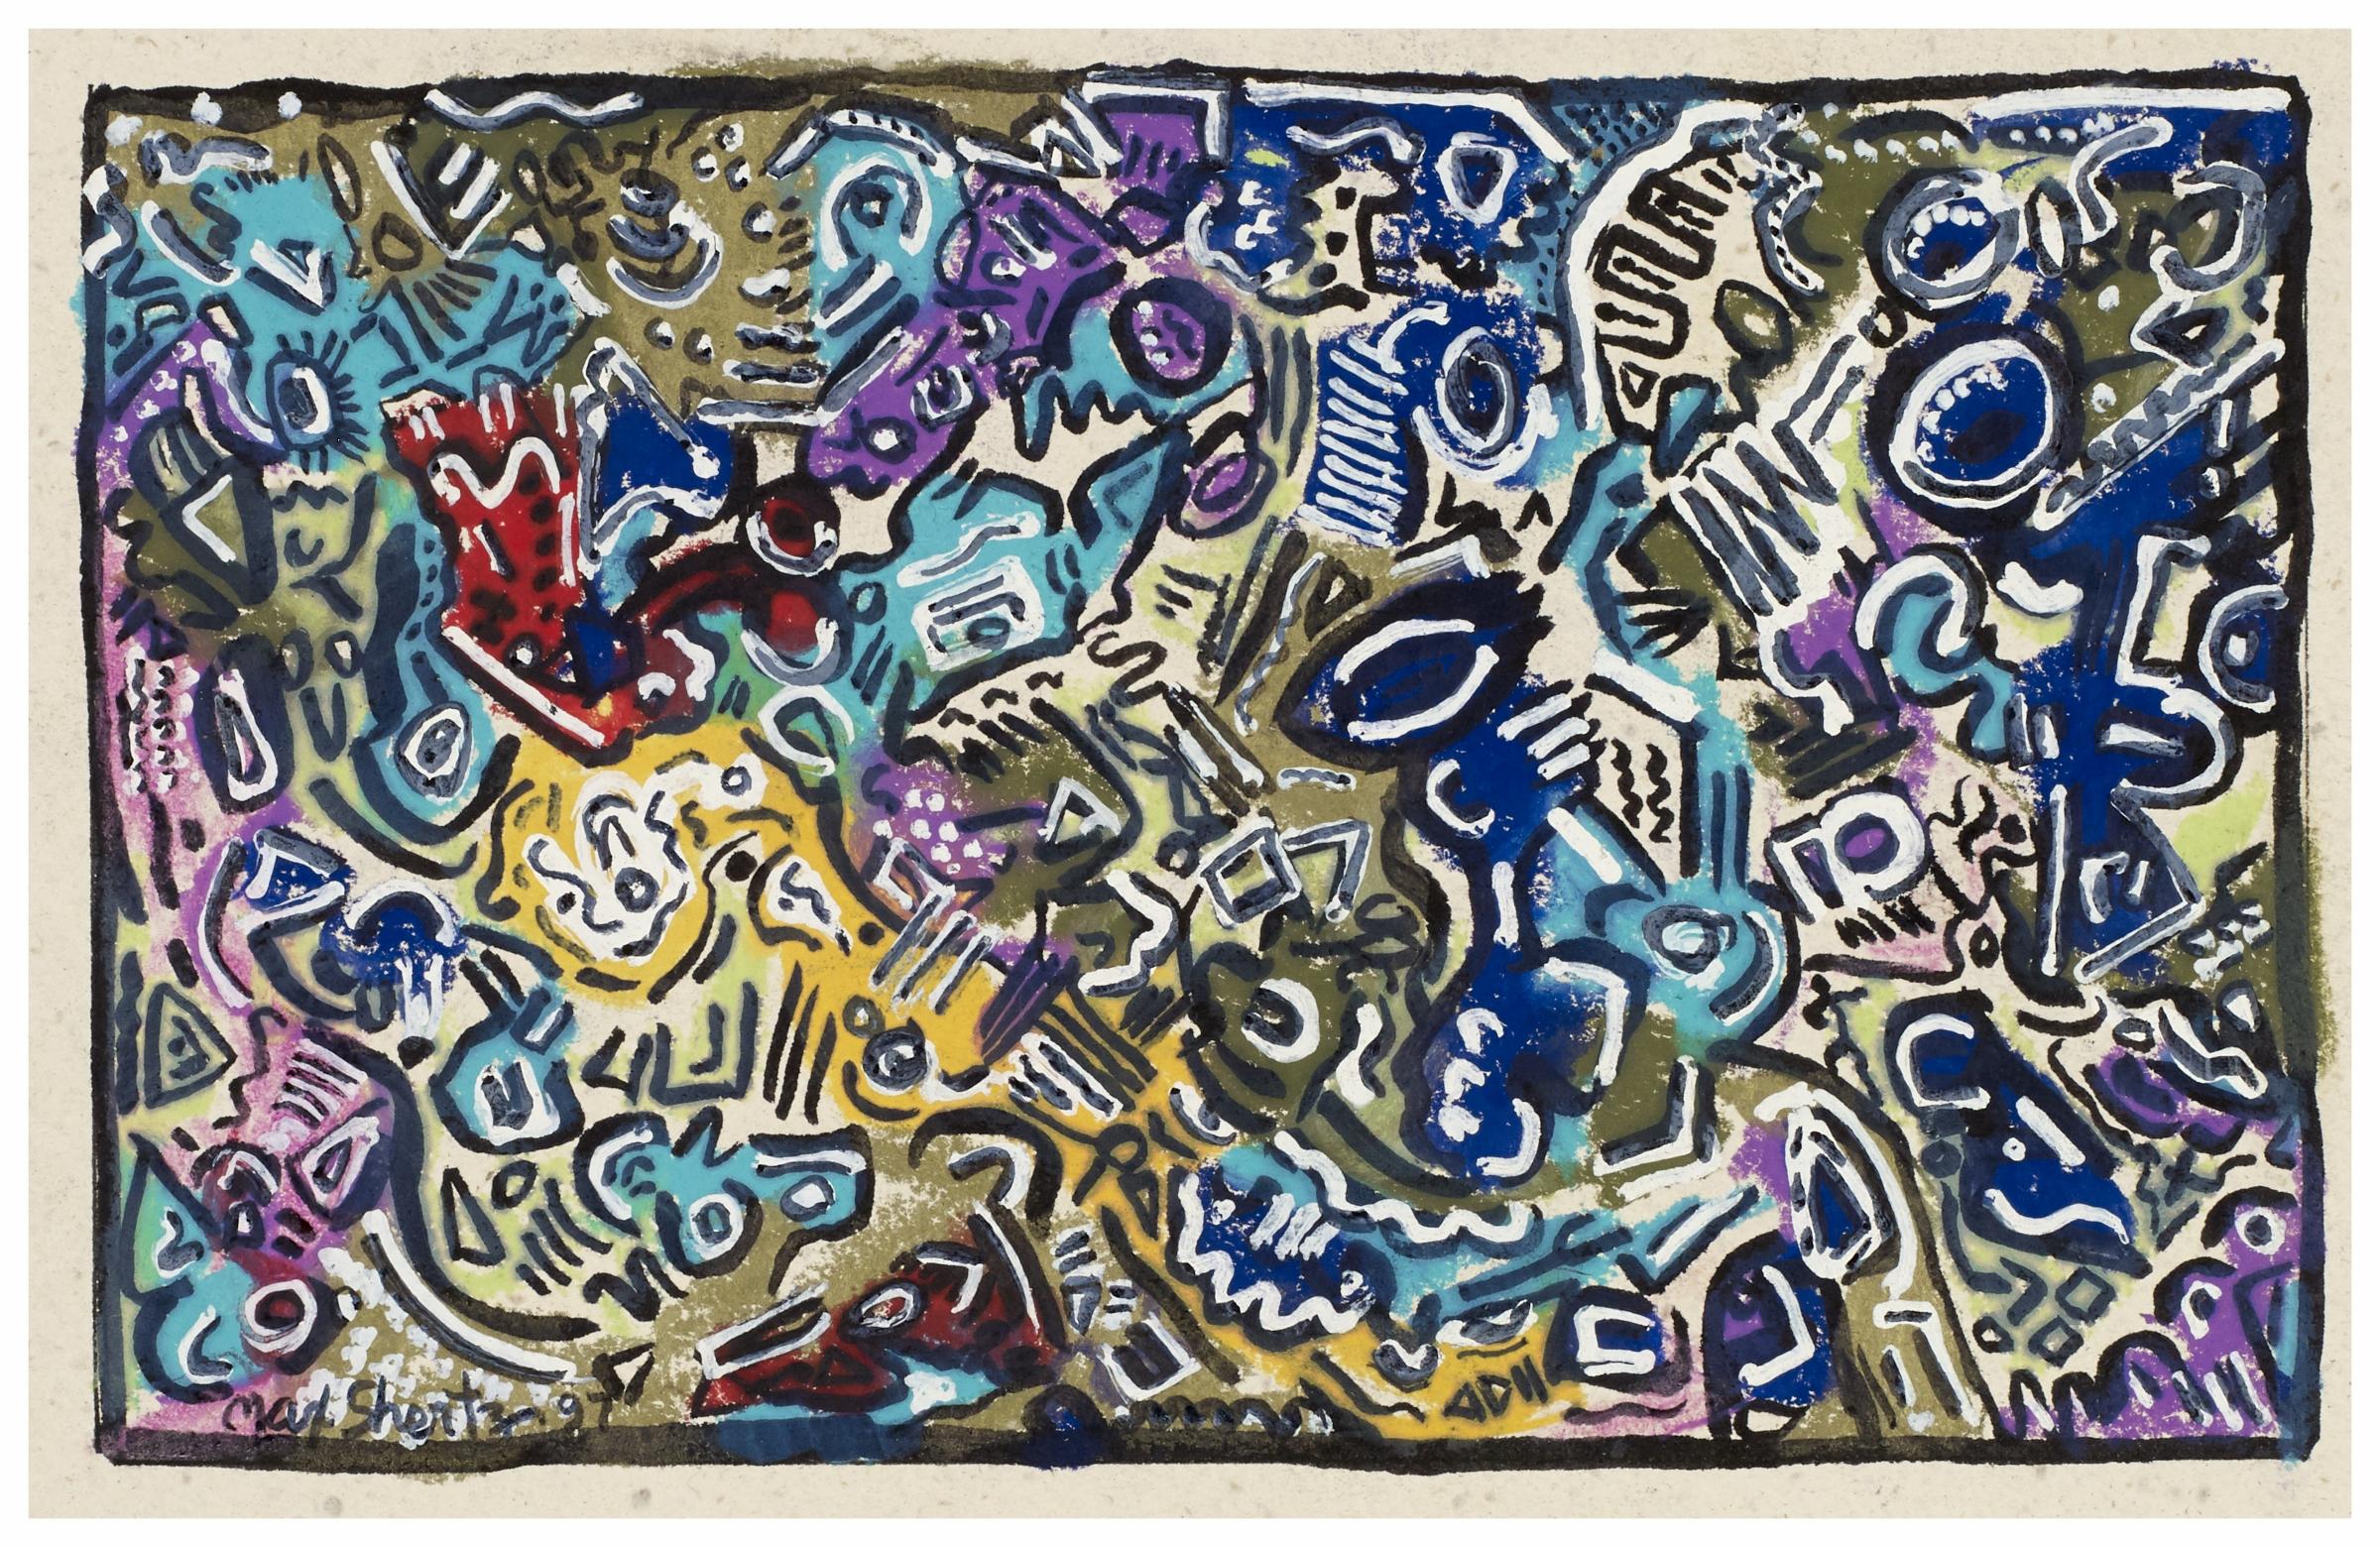 La Loba 1997 5x8 Mixed Medium